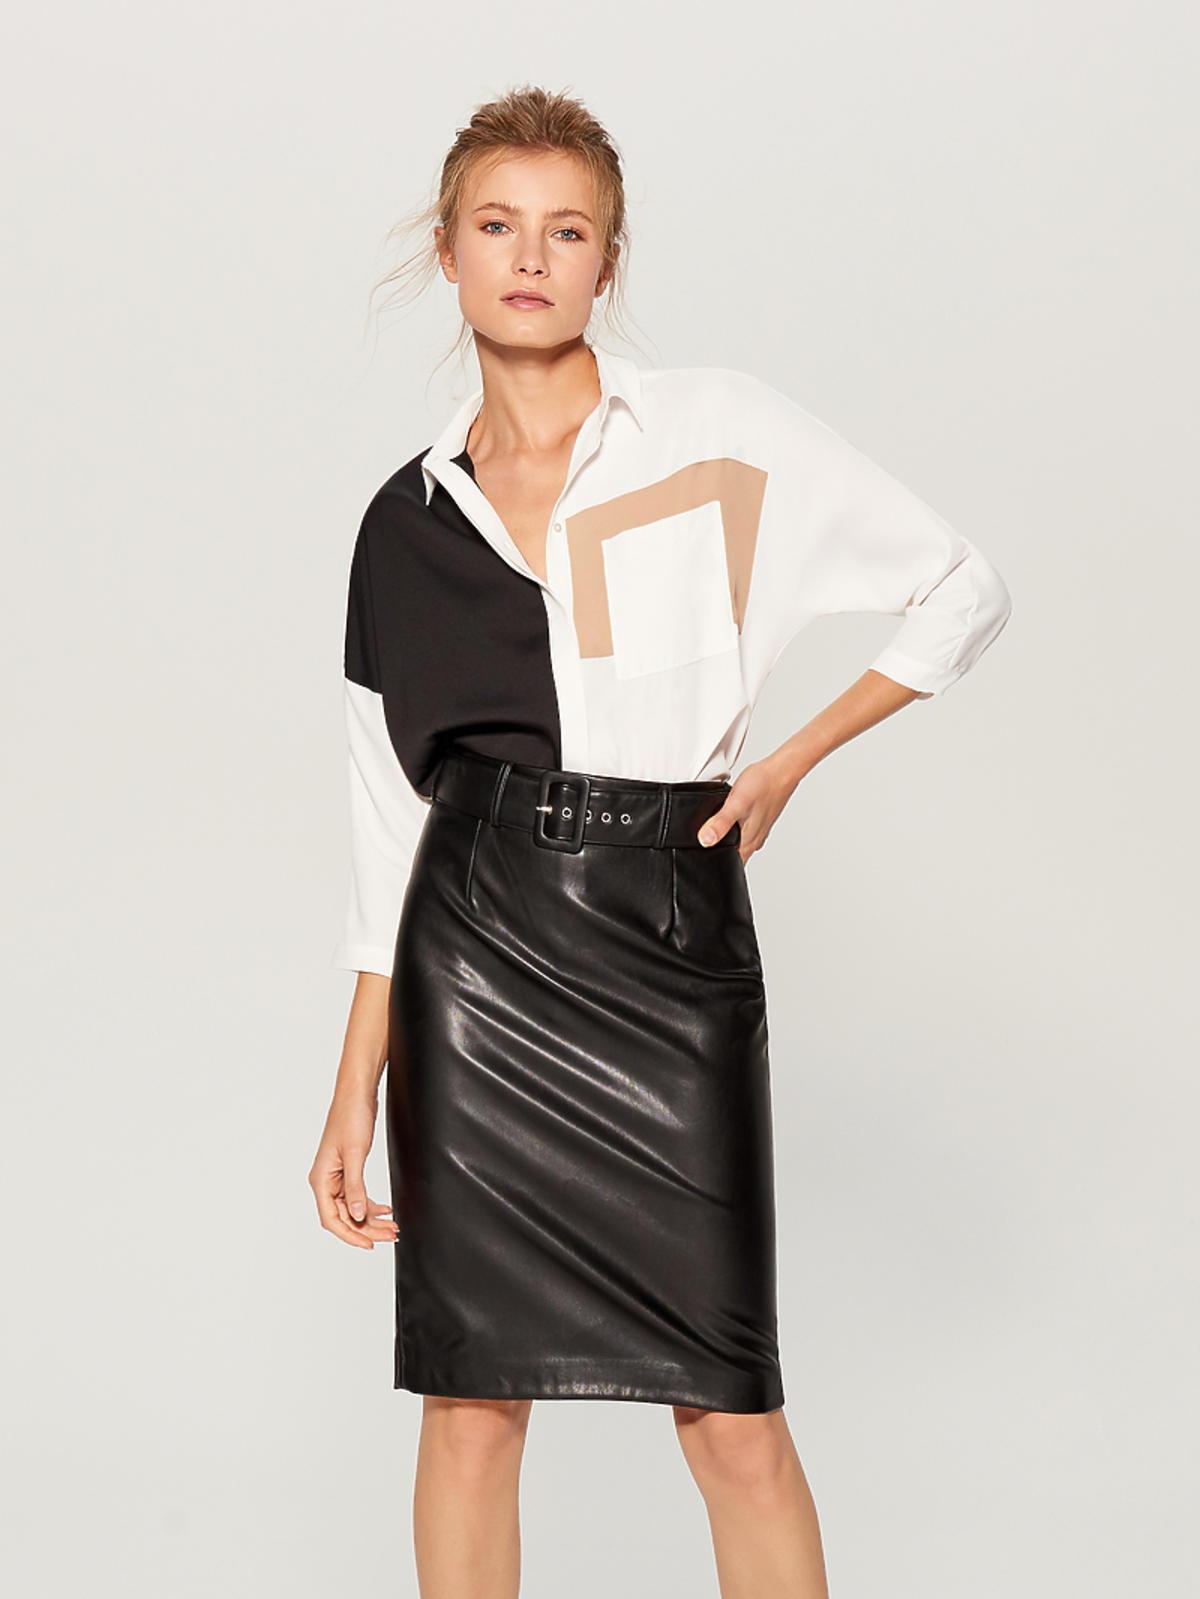 Skórzana spódnica Mohito cena 99 zł